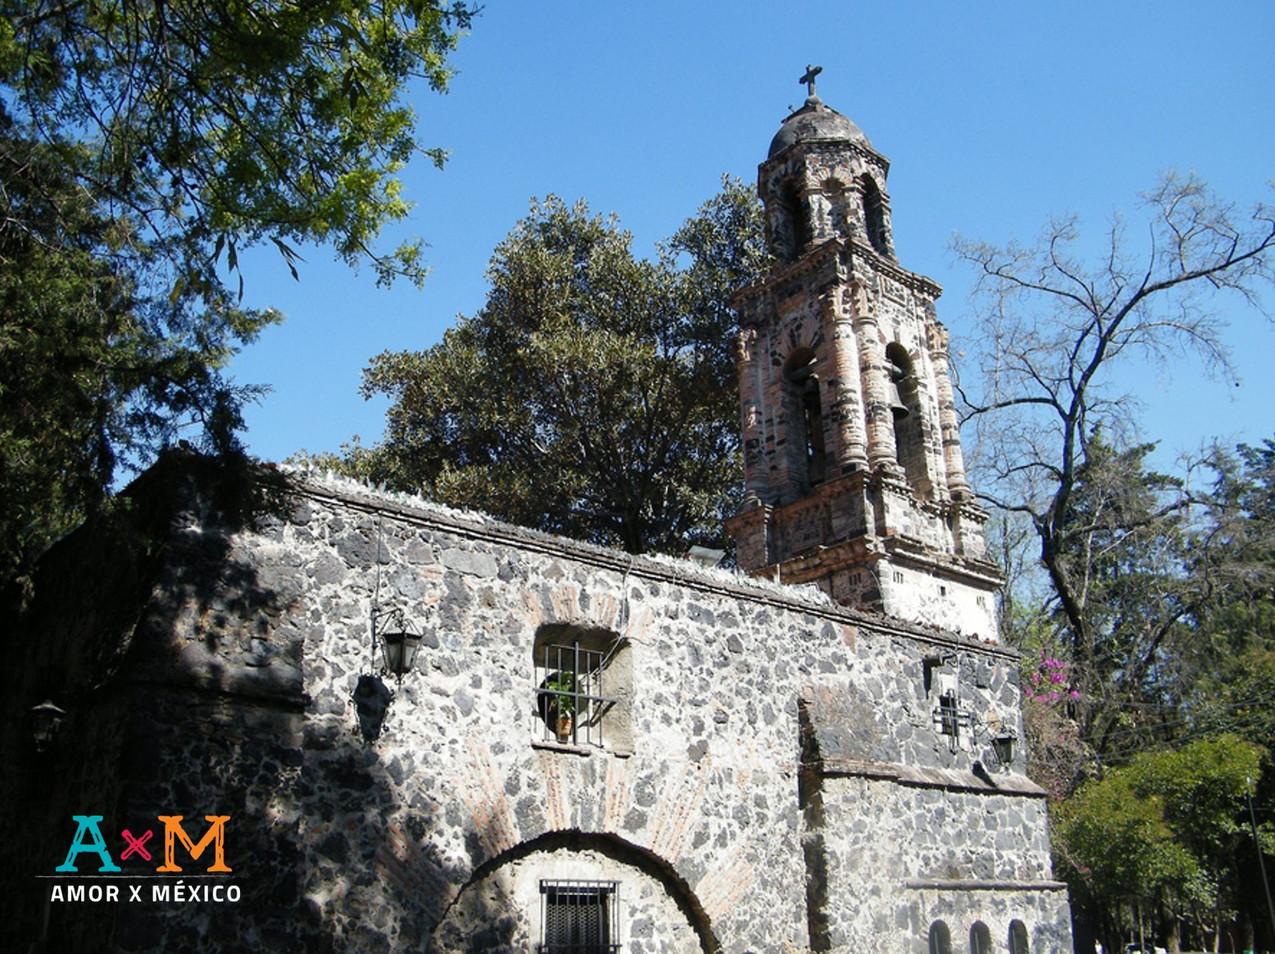 Vista posterior de la Parroquia de San Sebastián Mártir en Chimalistac